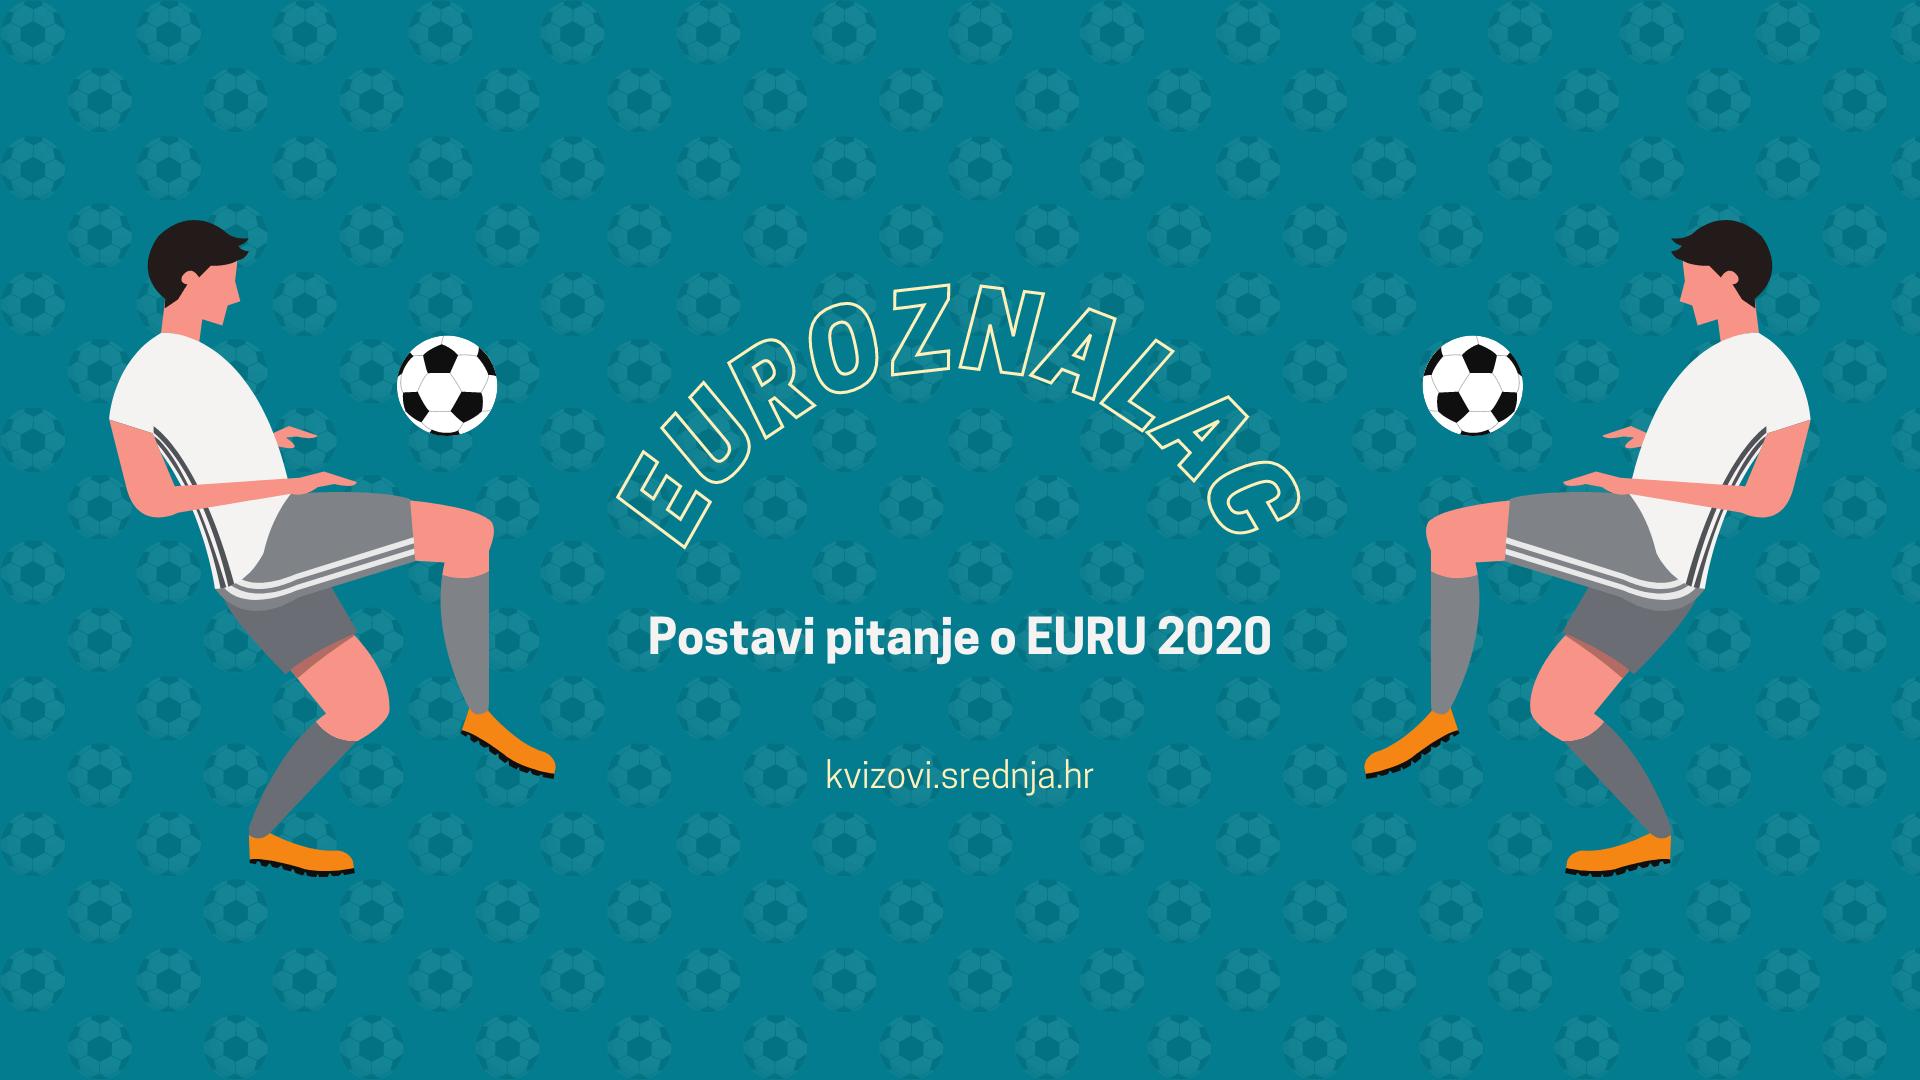 Traži se EuroZnalac: Postavi pitanje na koje ni najveći fanovi Eura neće znati odgovoriti